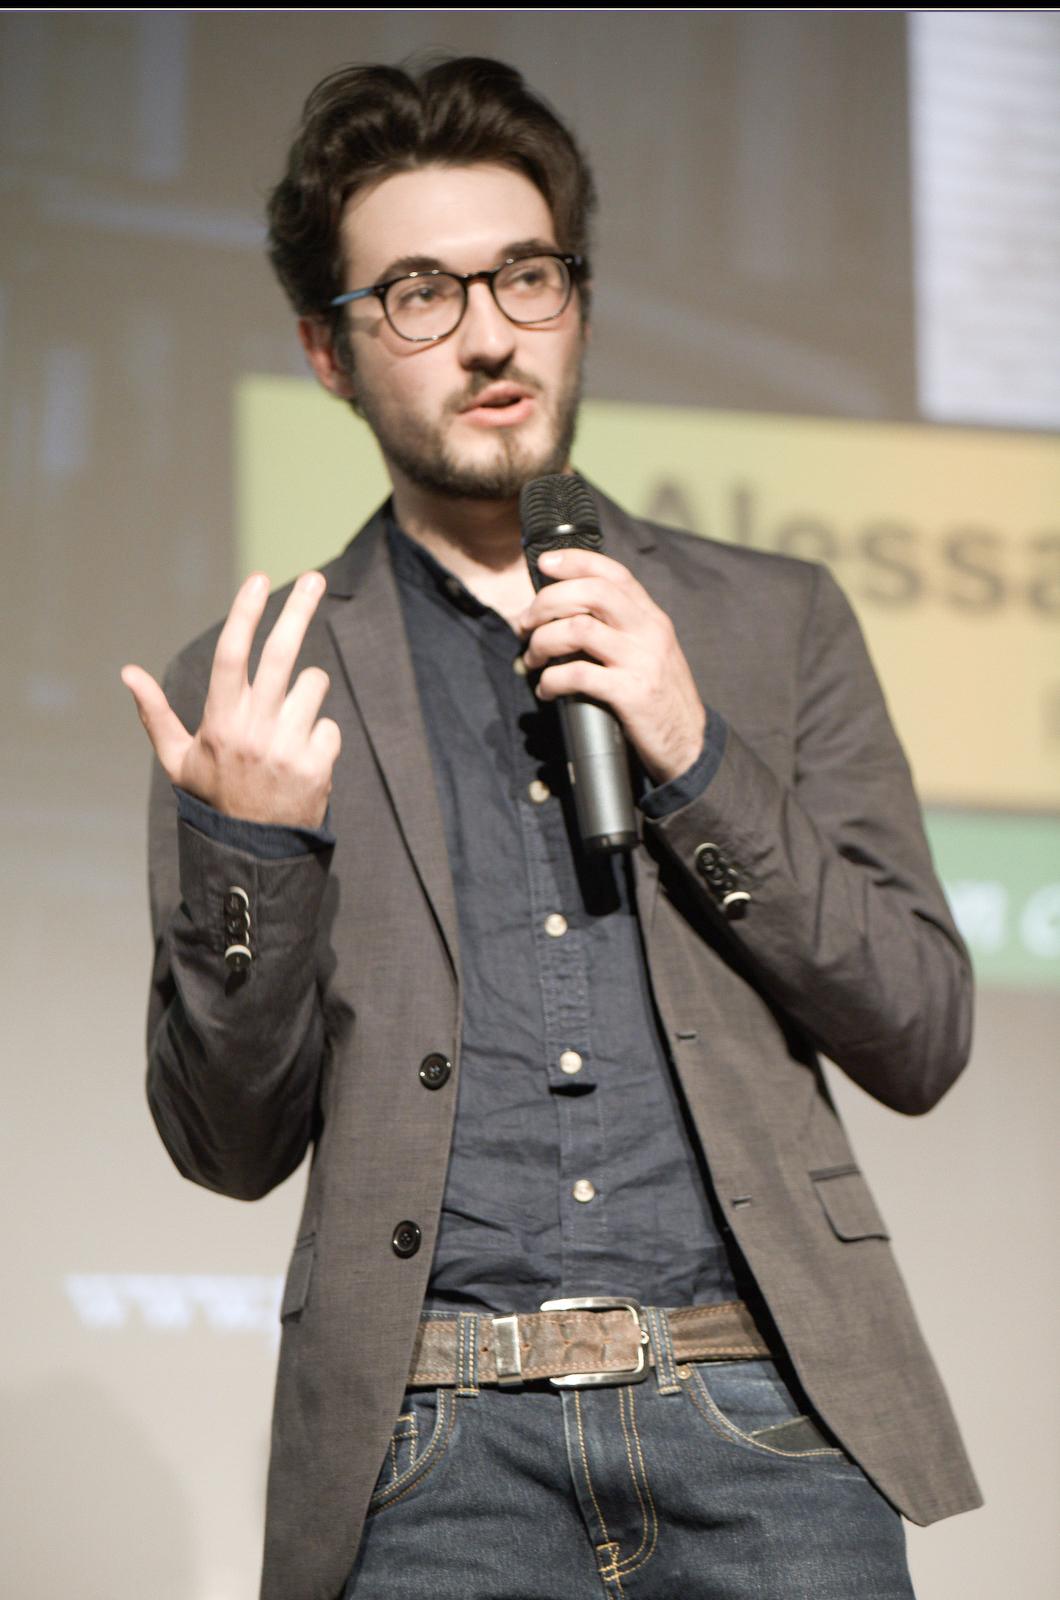 Alessandro Padovani Vincitore Premio Chiara Giovani 2017